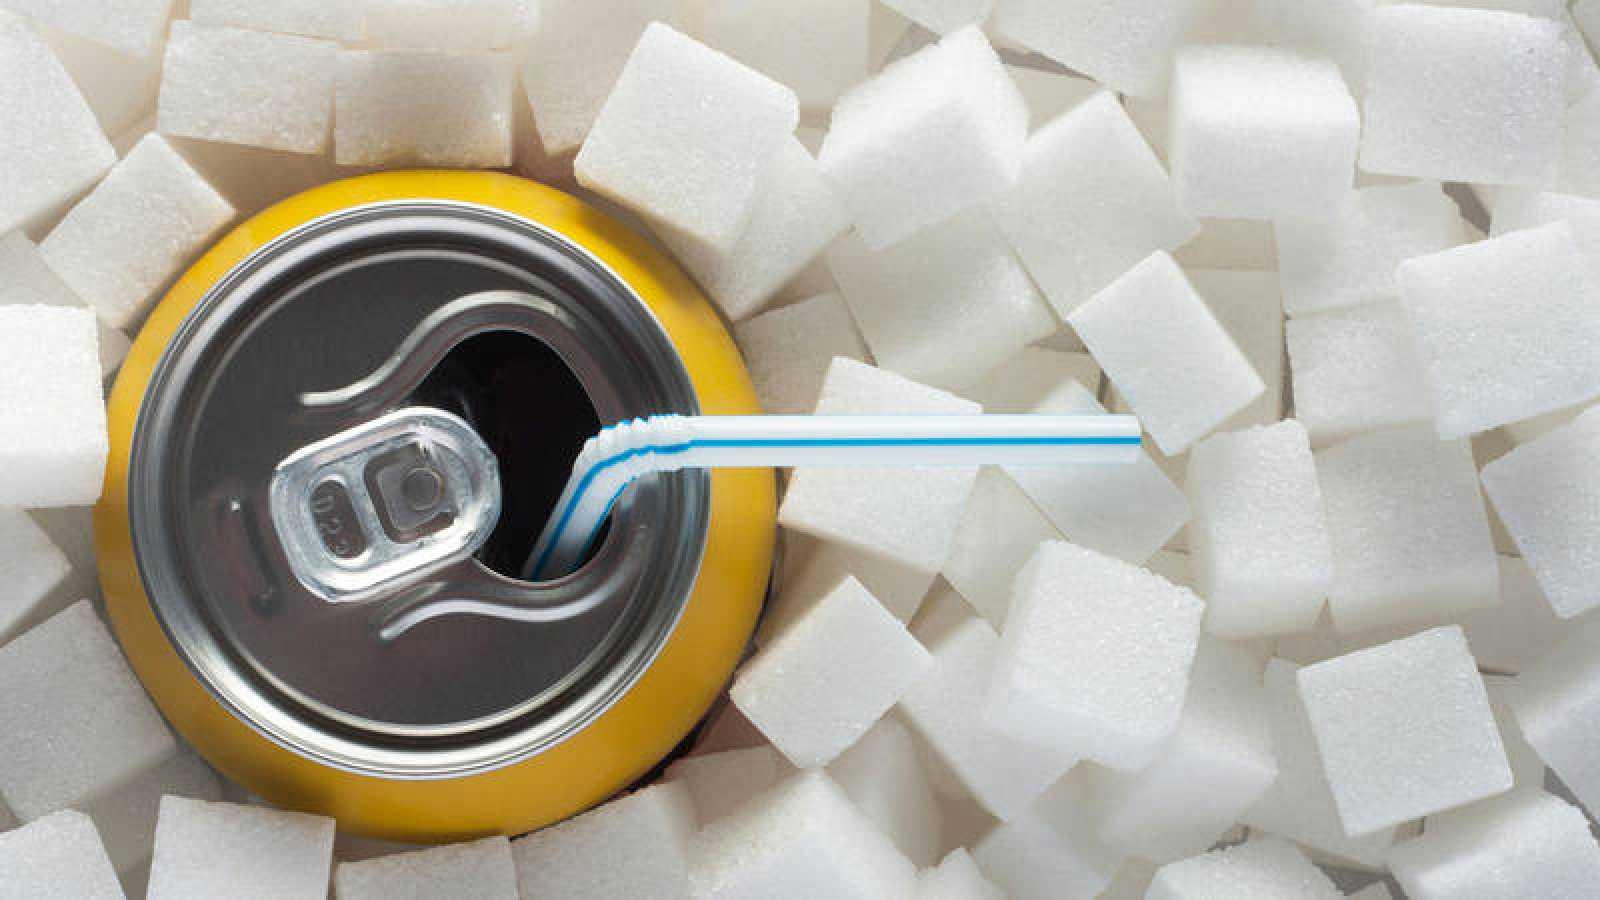 La OMS recomienda gravar los refrescos para luchar contra la obesidad y la diabetes